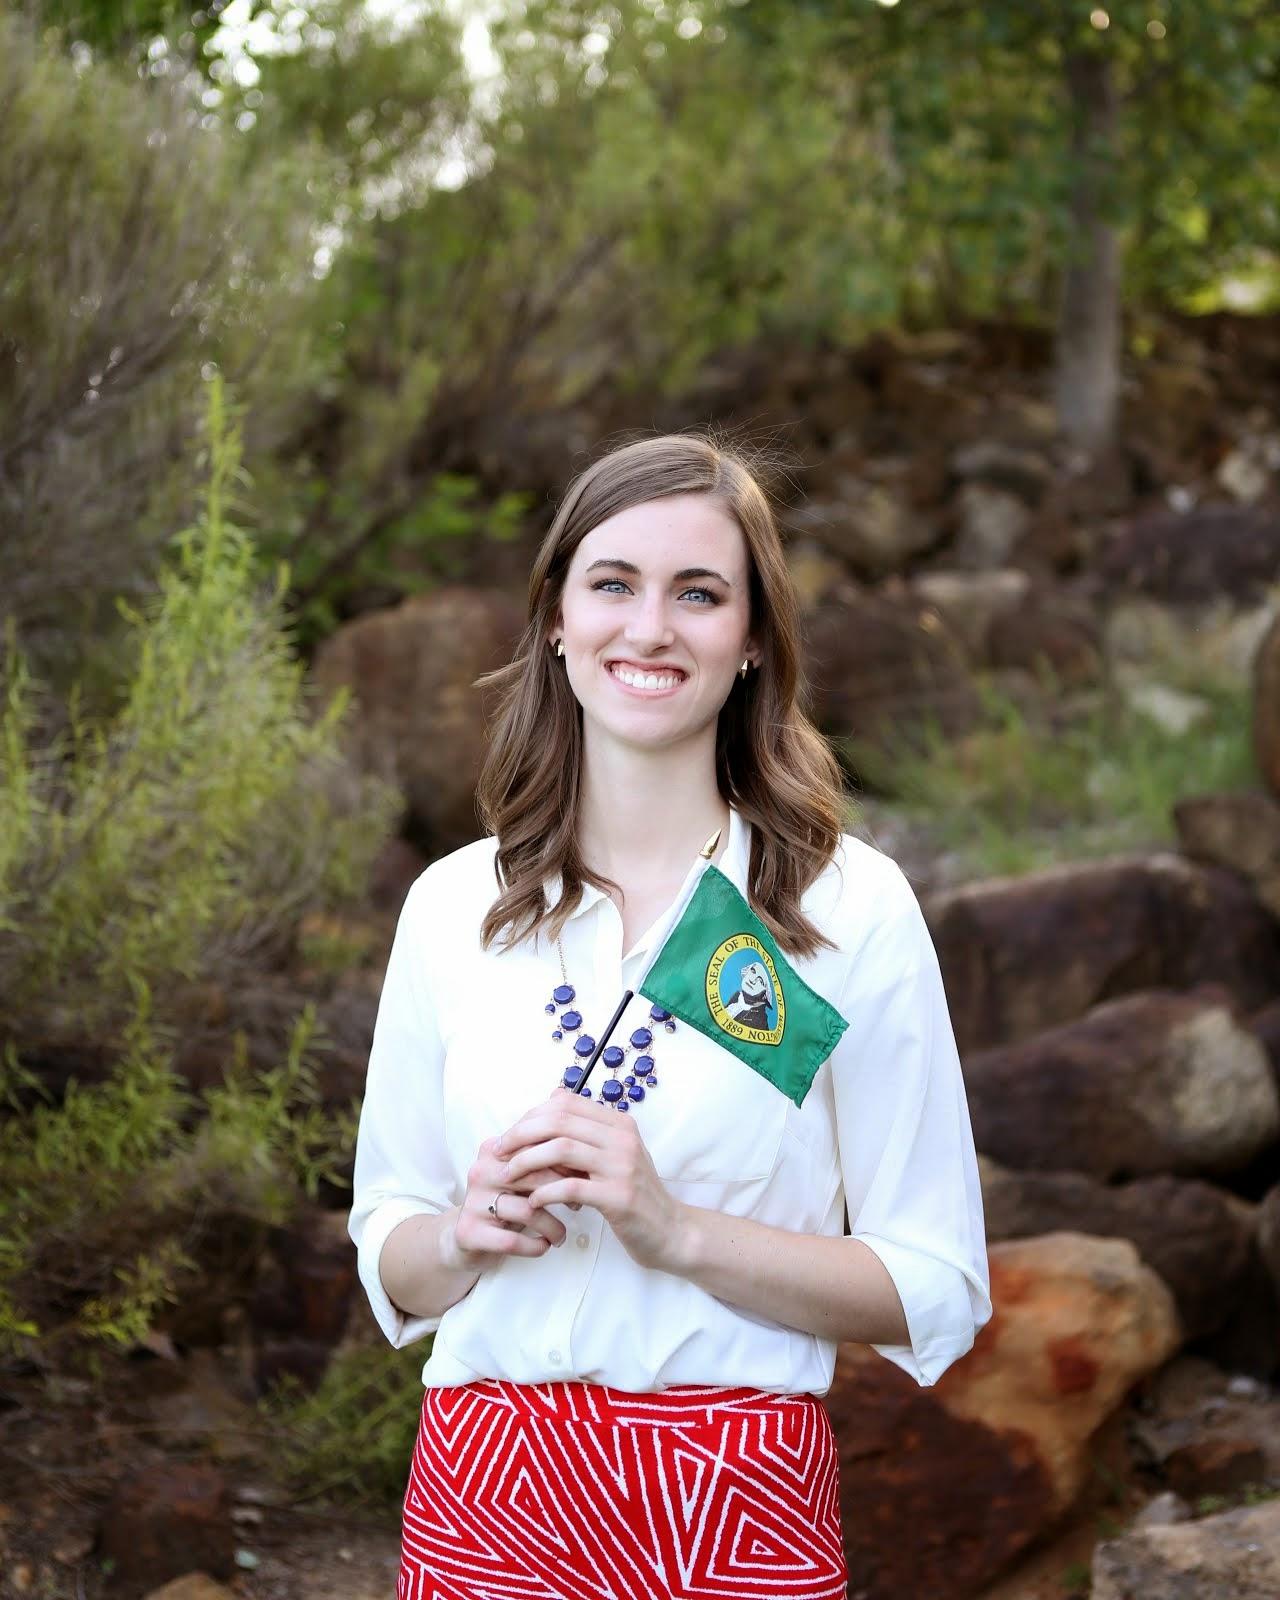 Sister Shelby Noelle Tennant